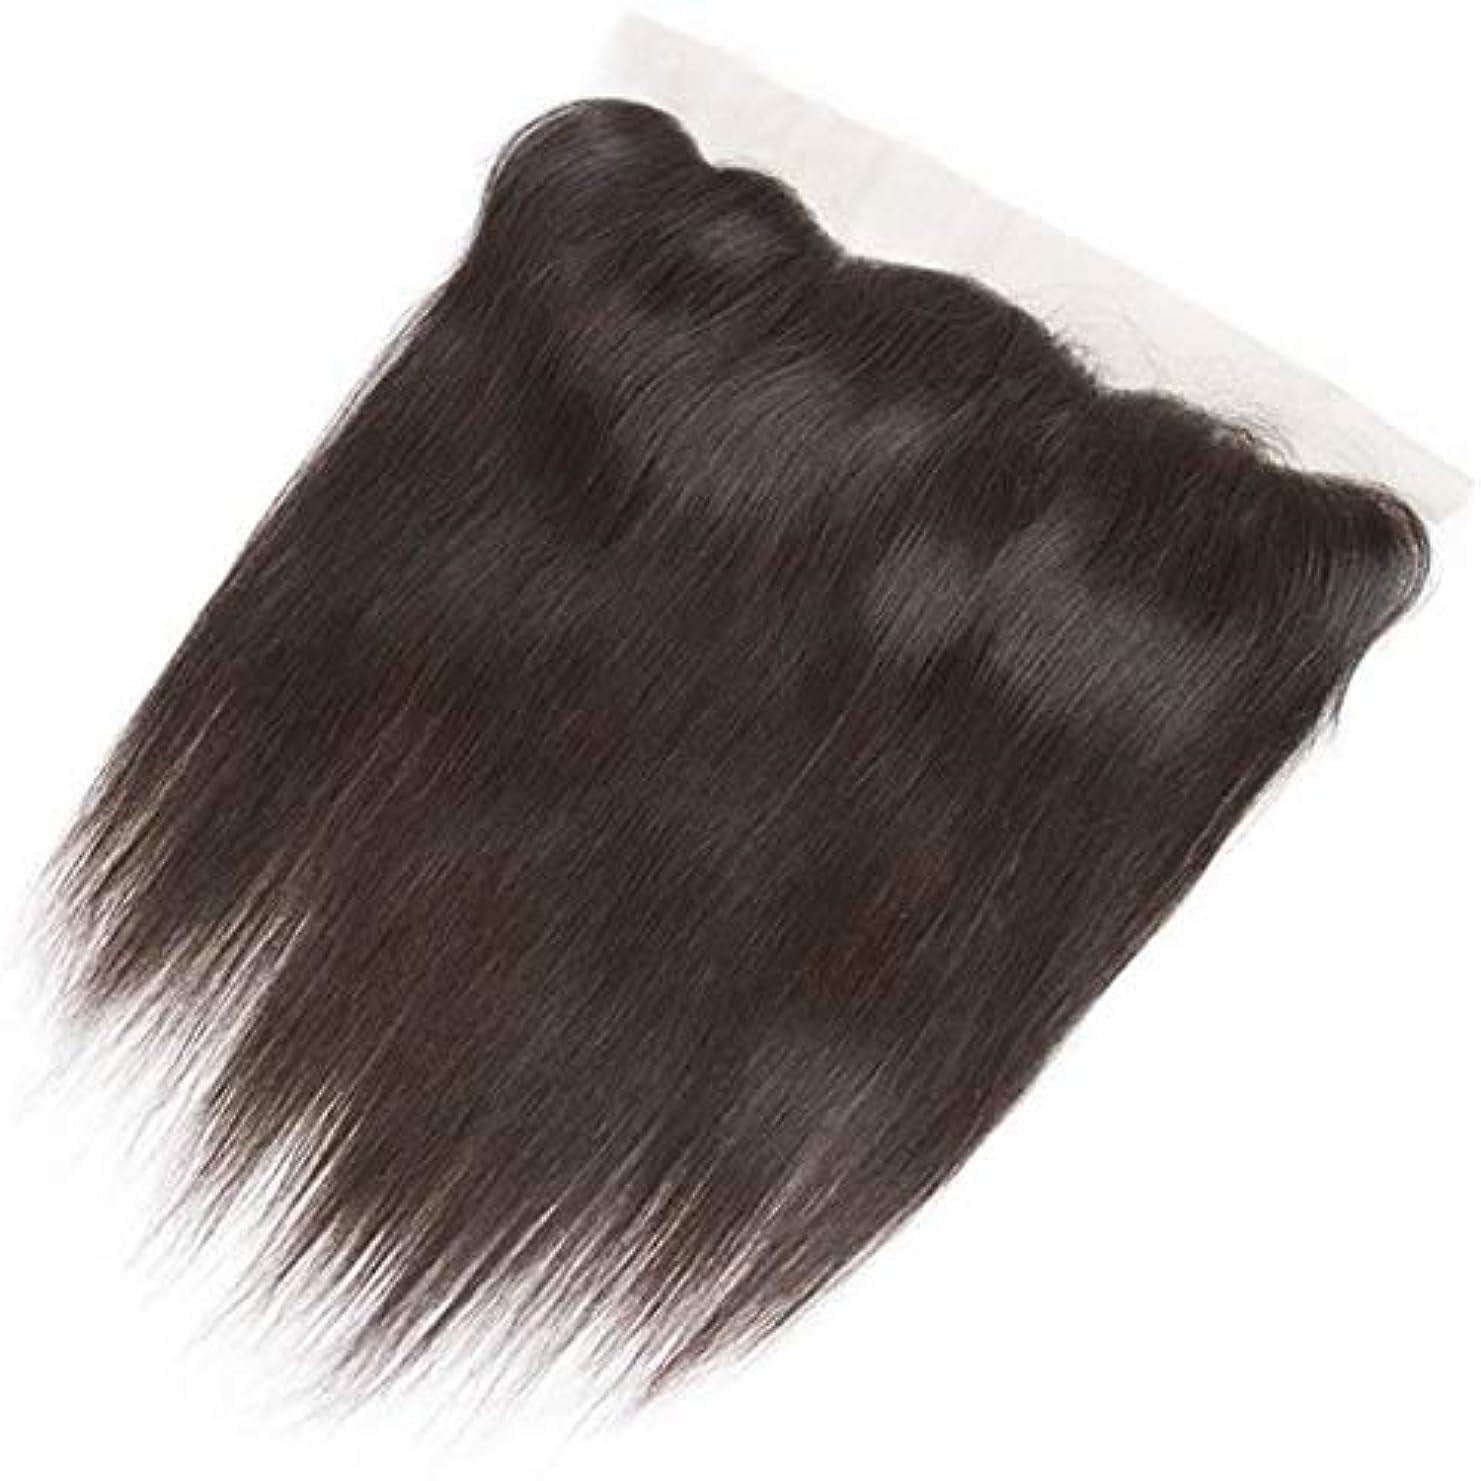 排除欠伸検出可能WASAIO スクエア髪前頭閉鎖ブラジルのバージン人毛ヘアエクステンションクリップUnseamed 10「-20」13 * 4レース (色 : 黒, サイズ : 10 inch)